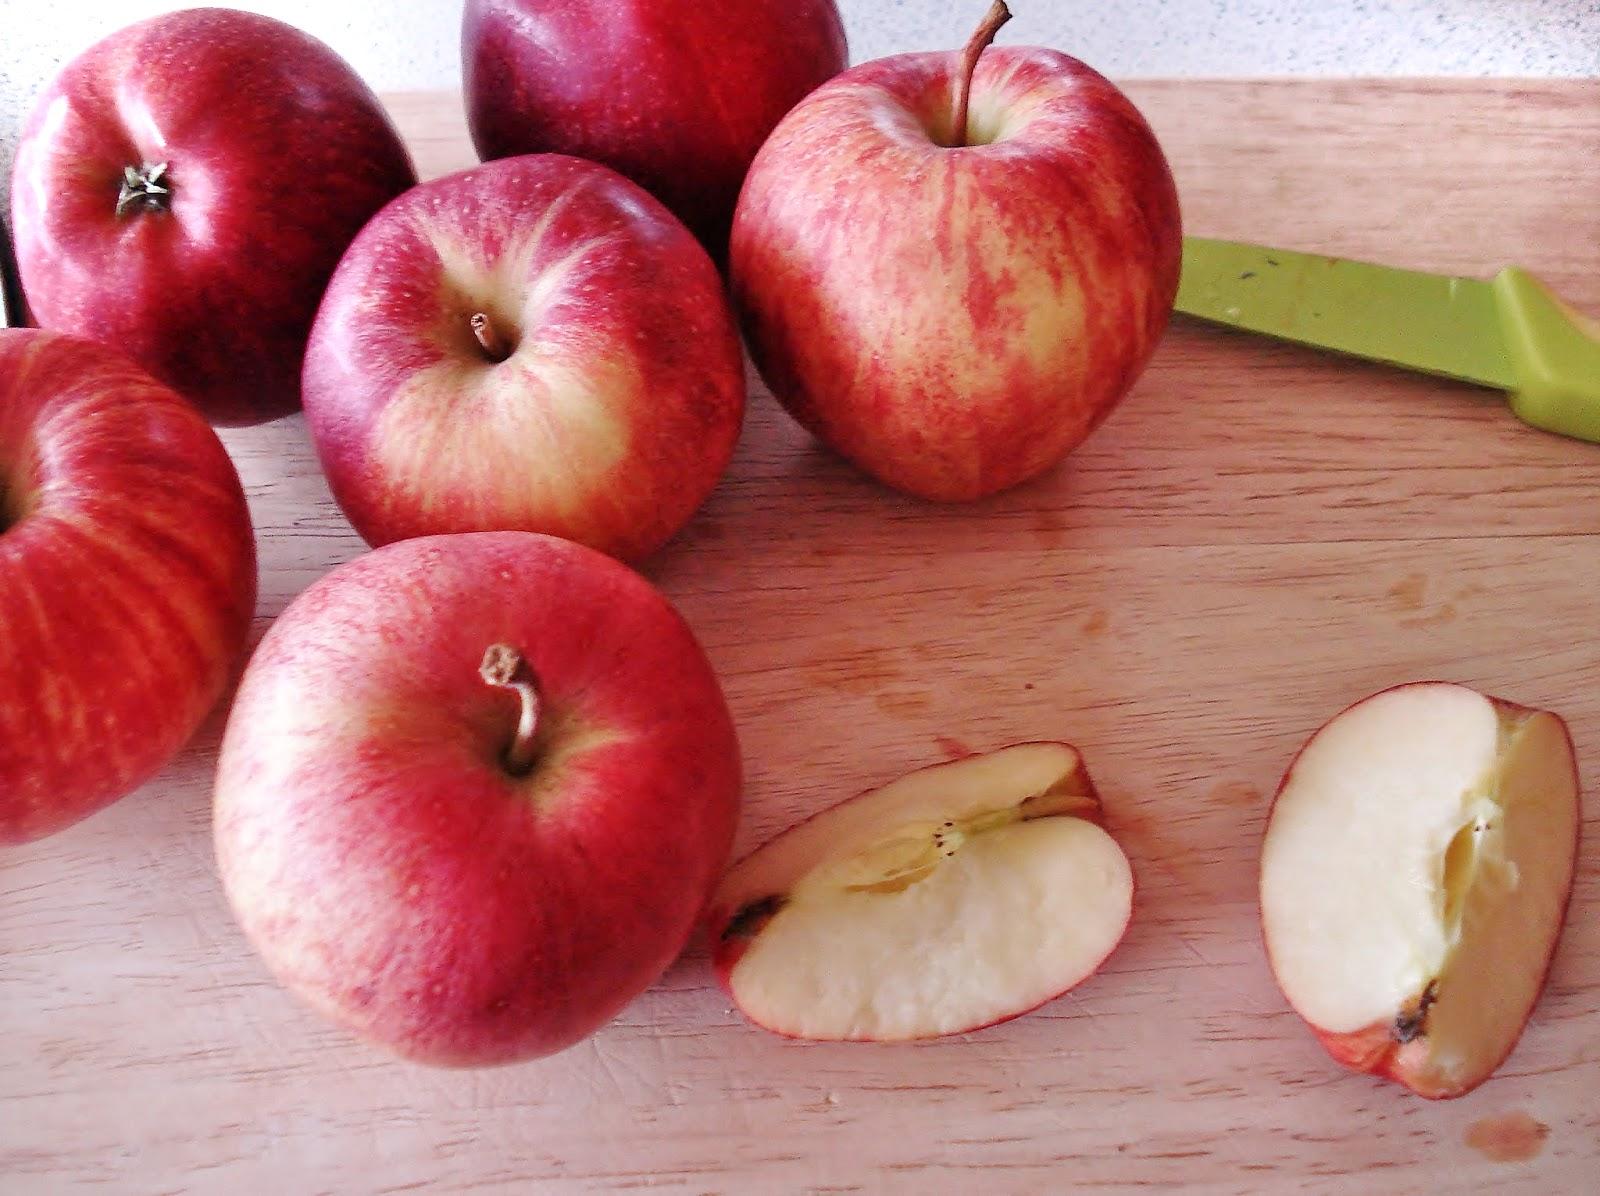 Яблоки А Диете. От яблок можно поправиться?